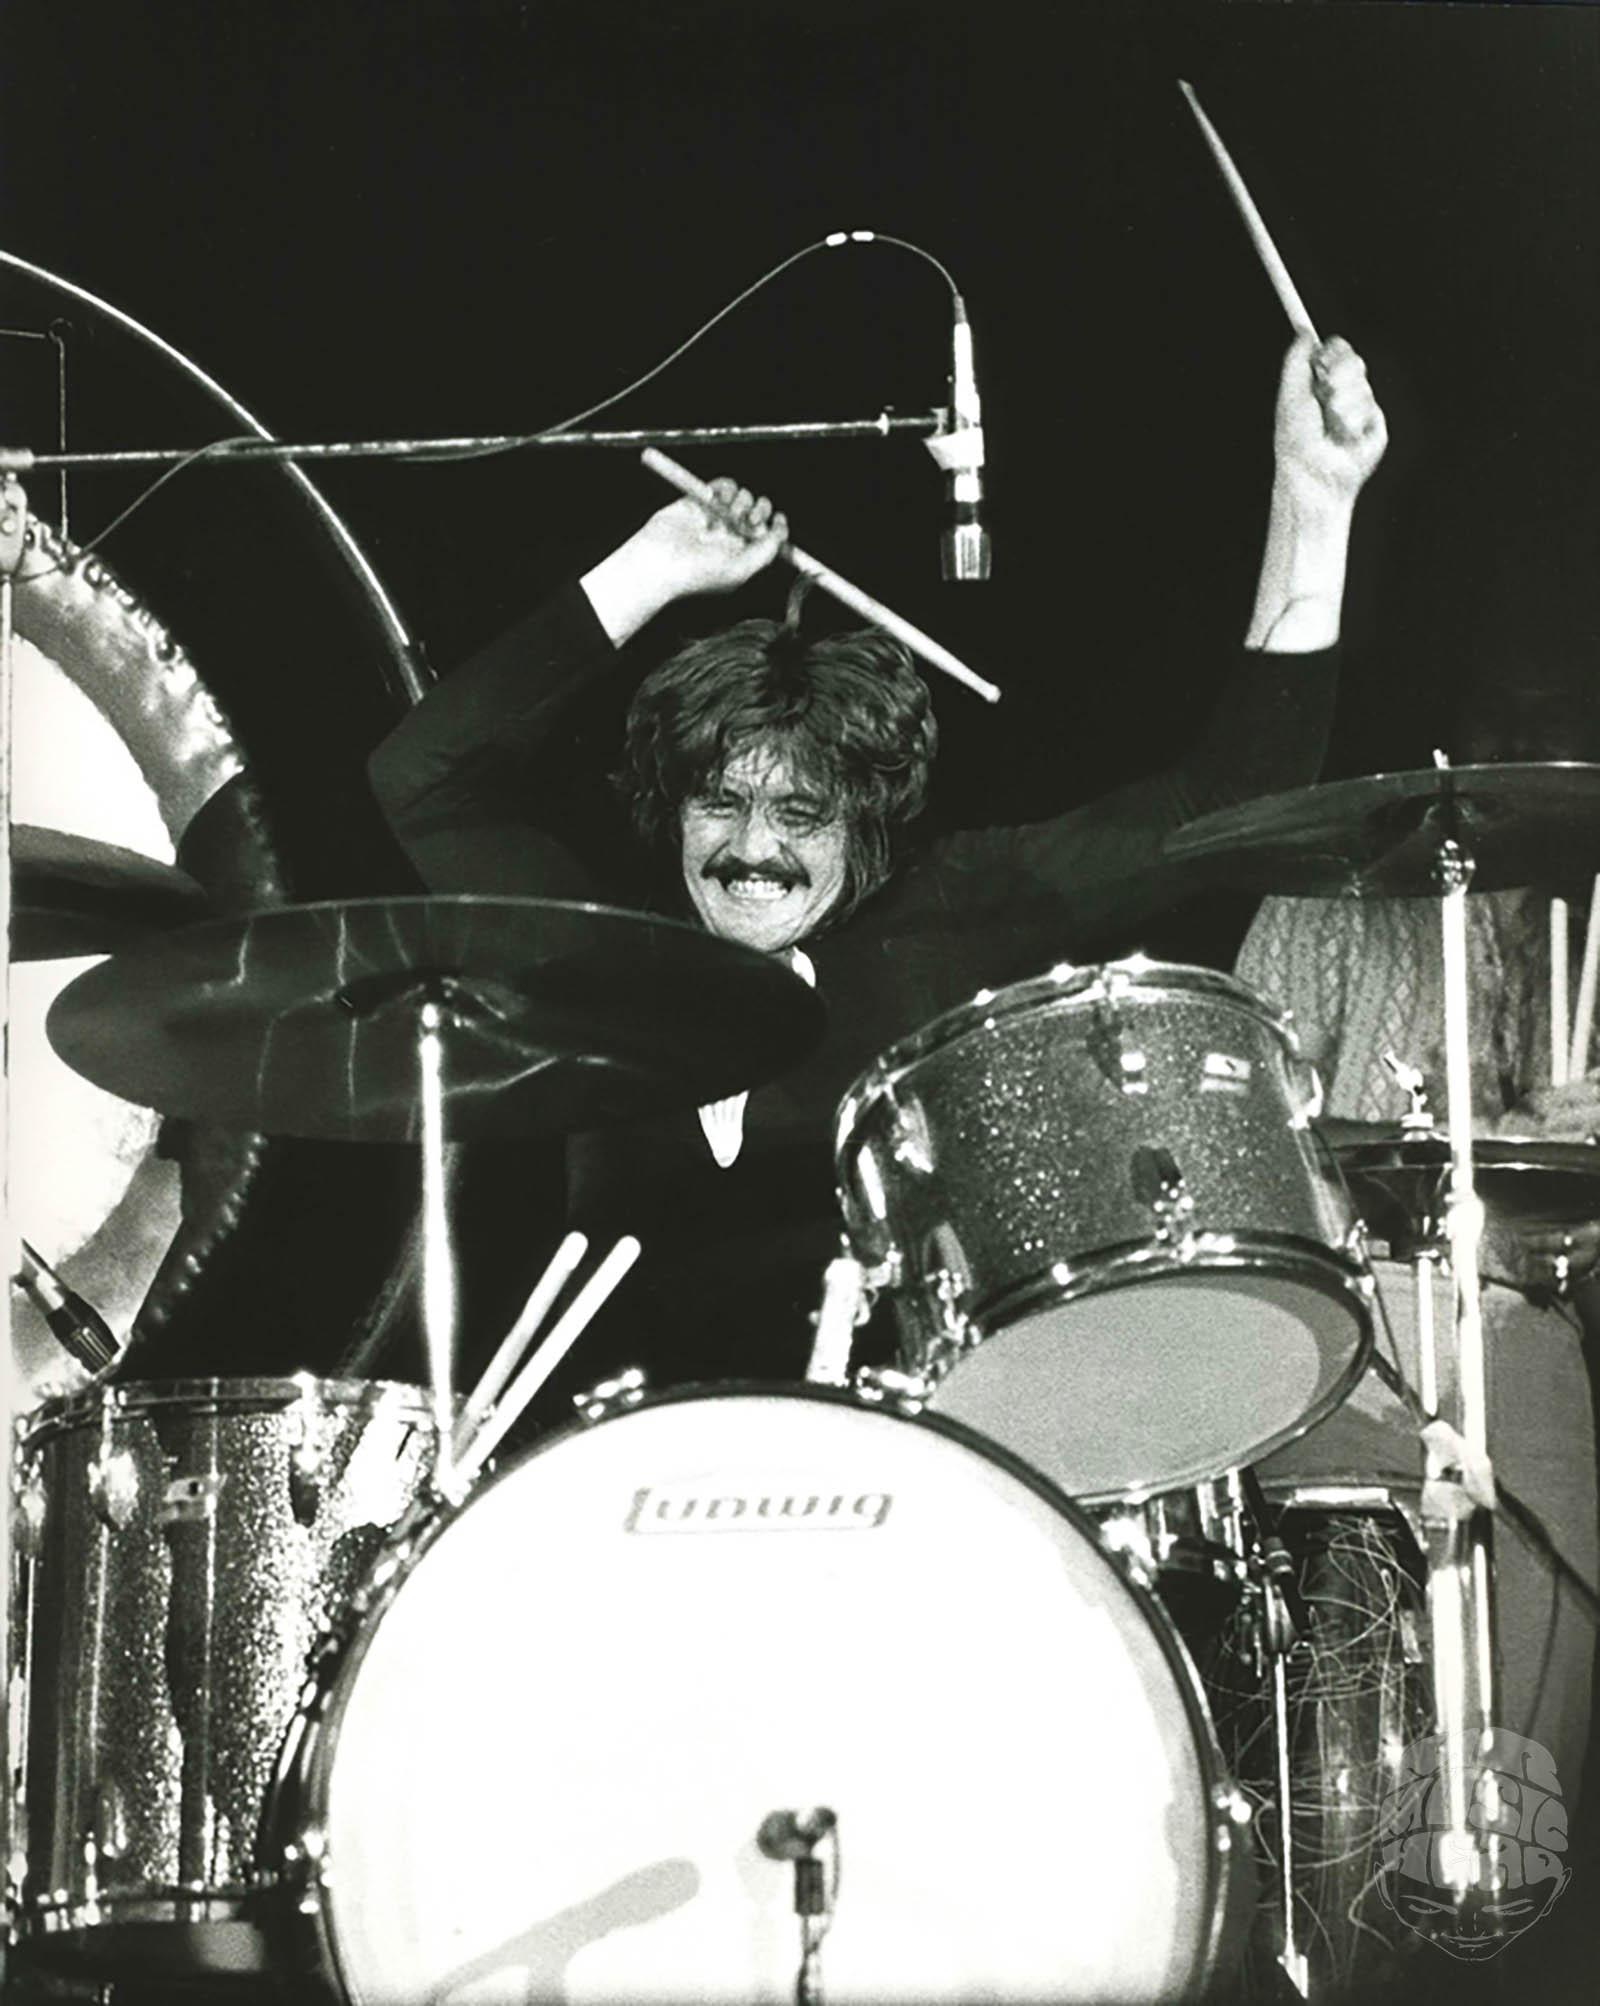 Greg Papazian_Led Zeppelin drummer.jpg